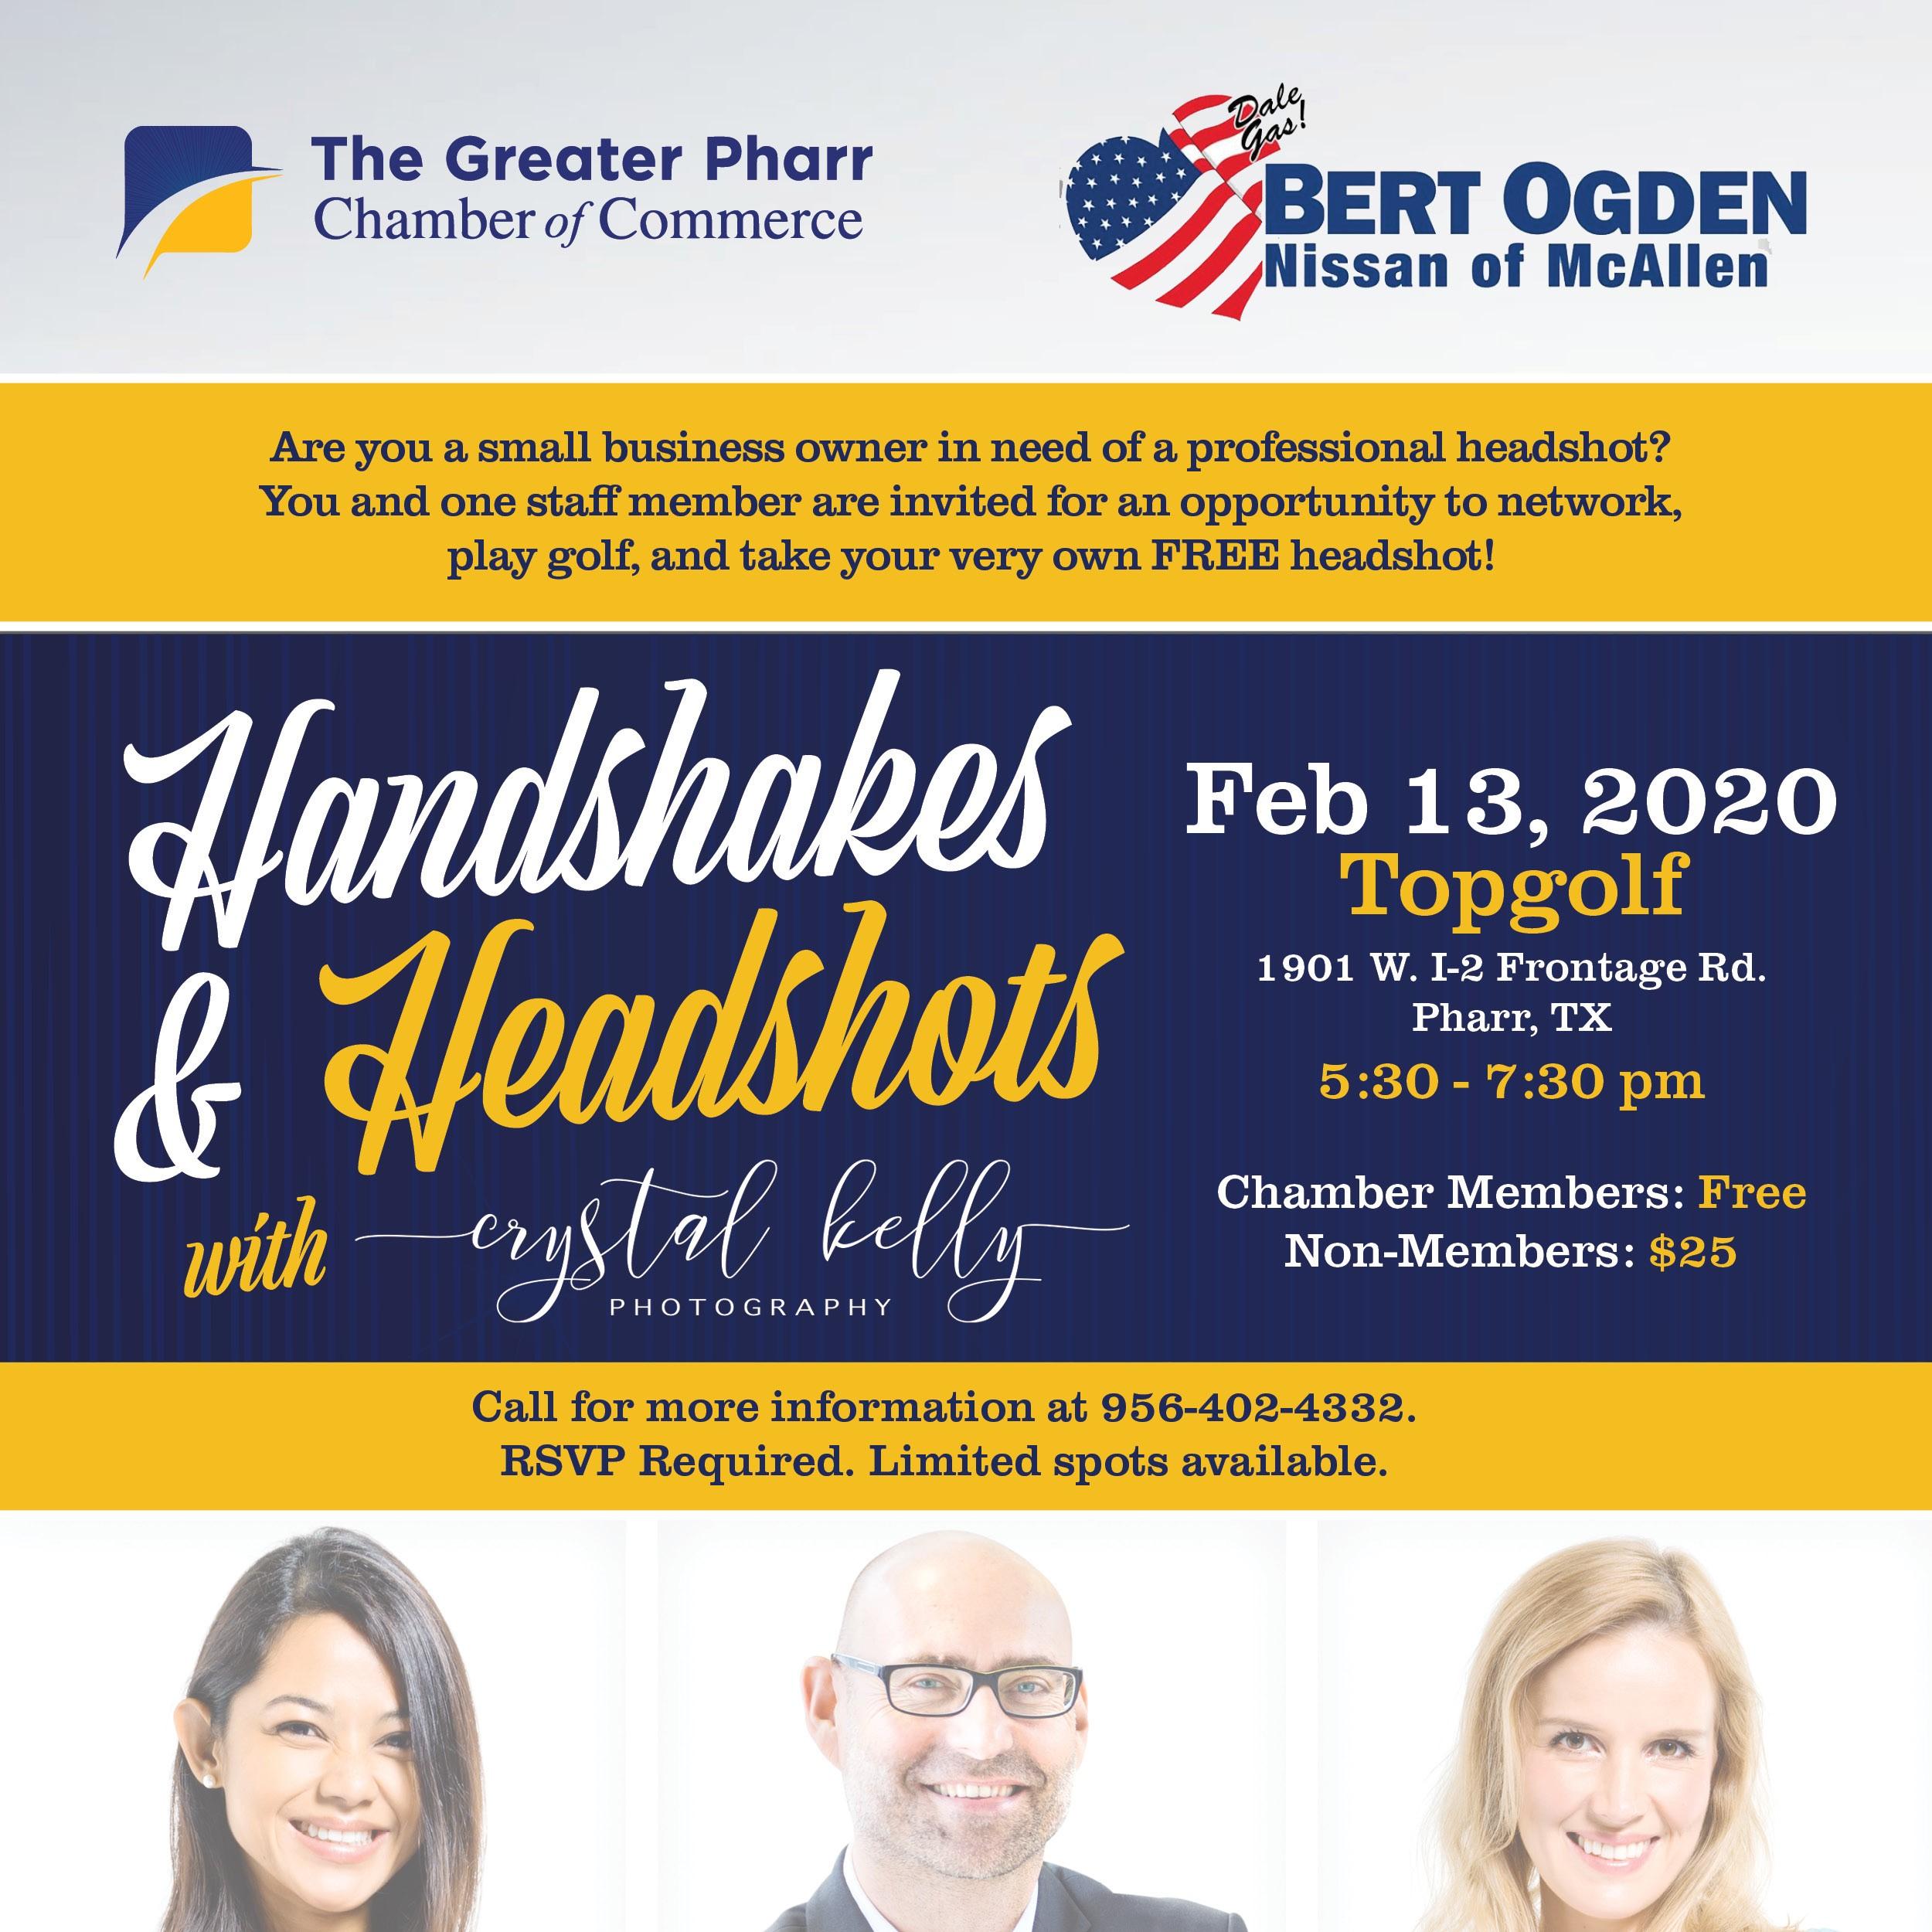 headshakes for headshots